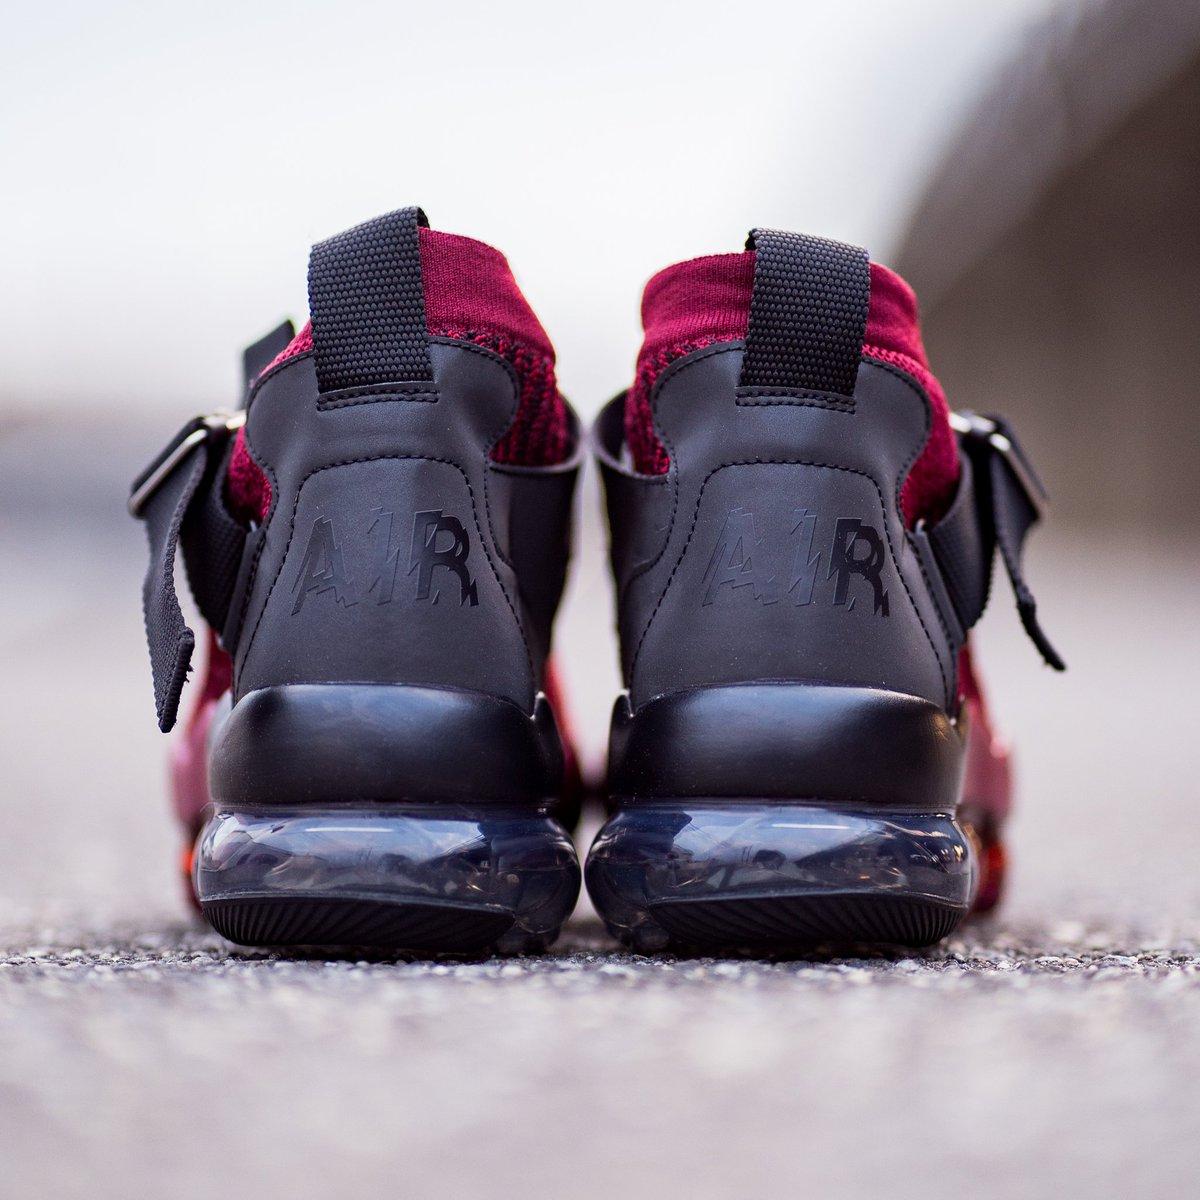 e770e0494177b GB S Sneaker Shop on Twitter